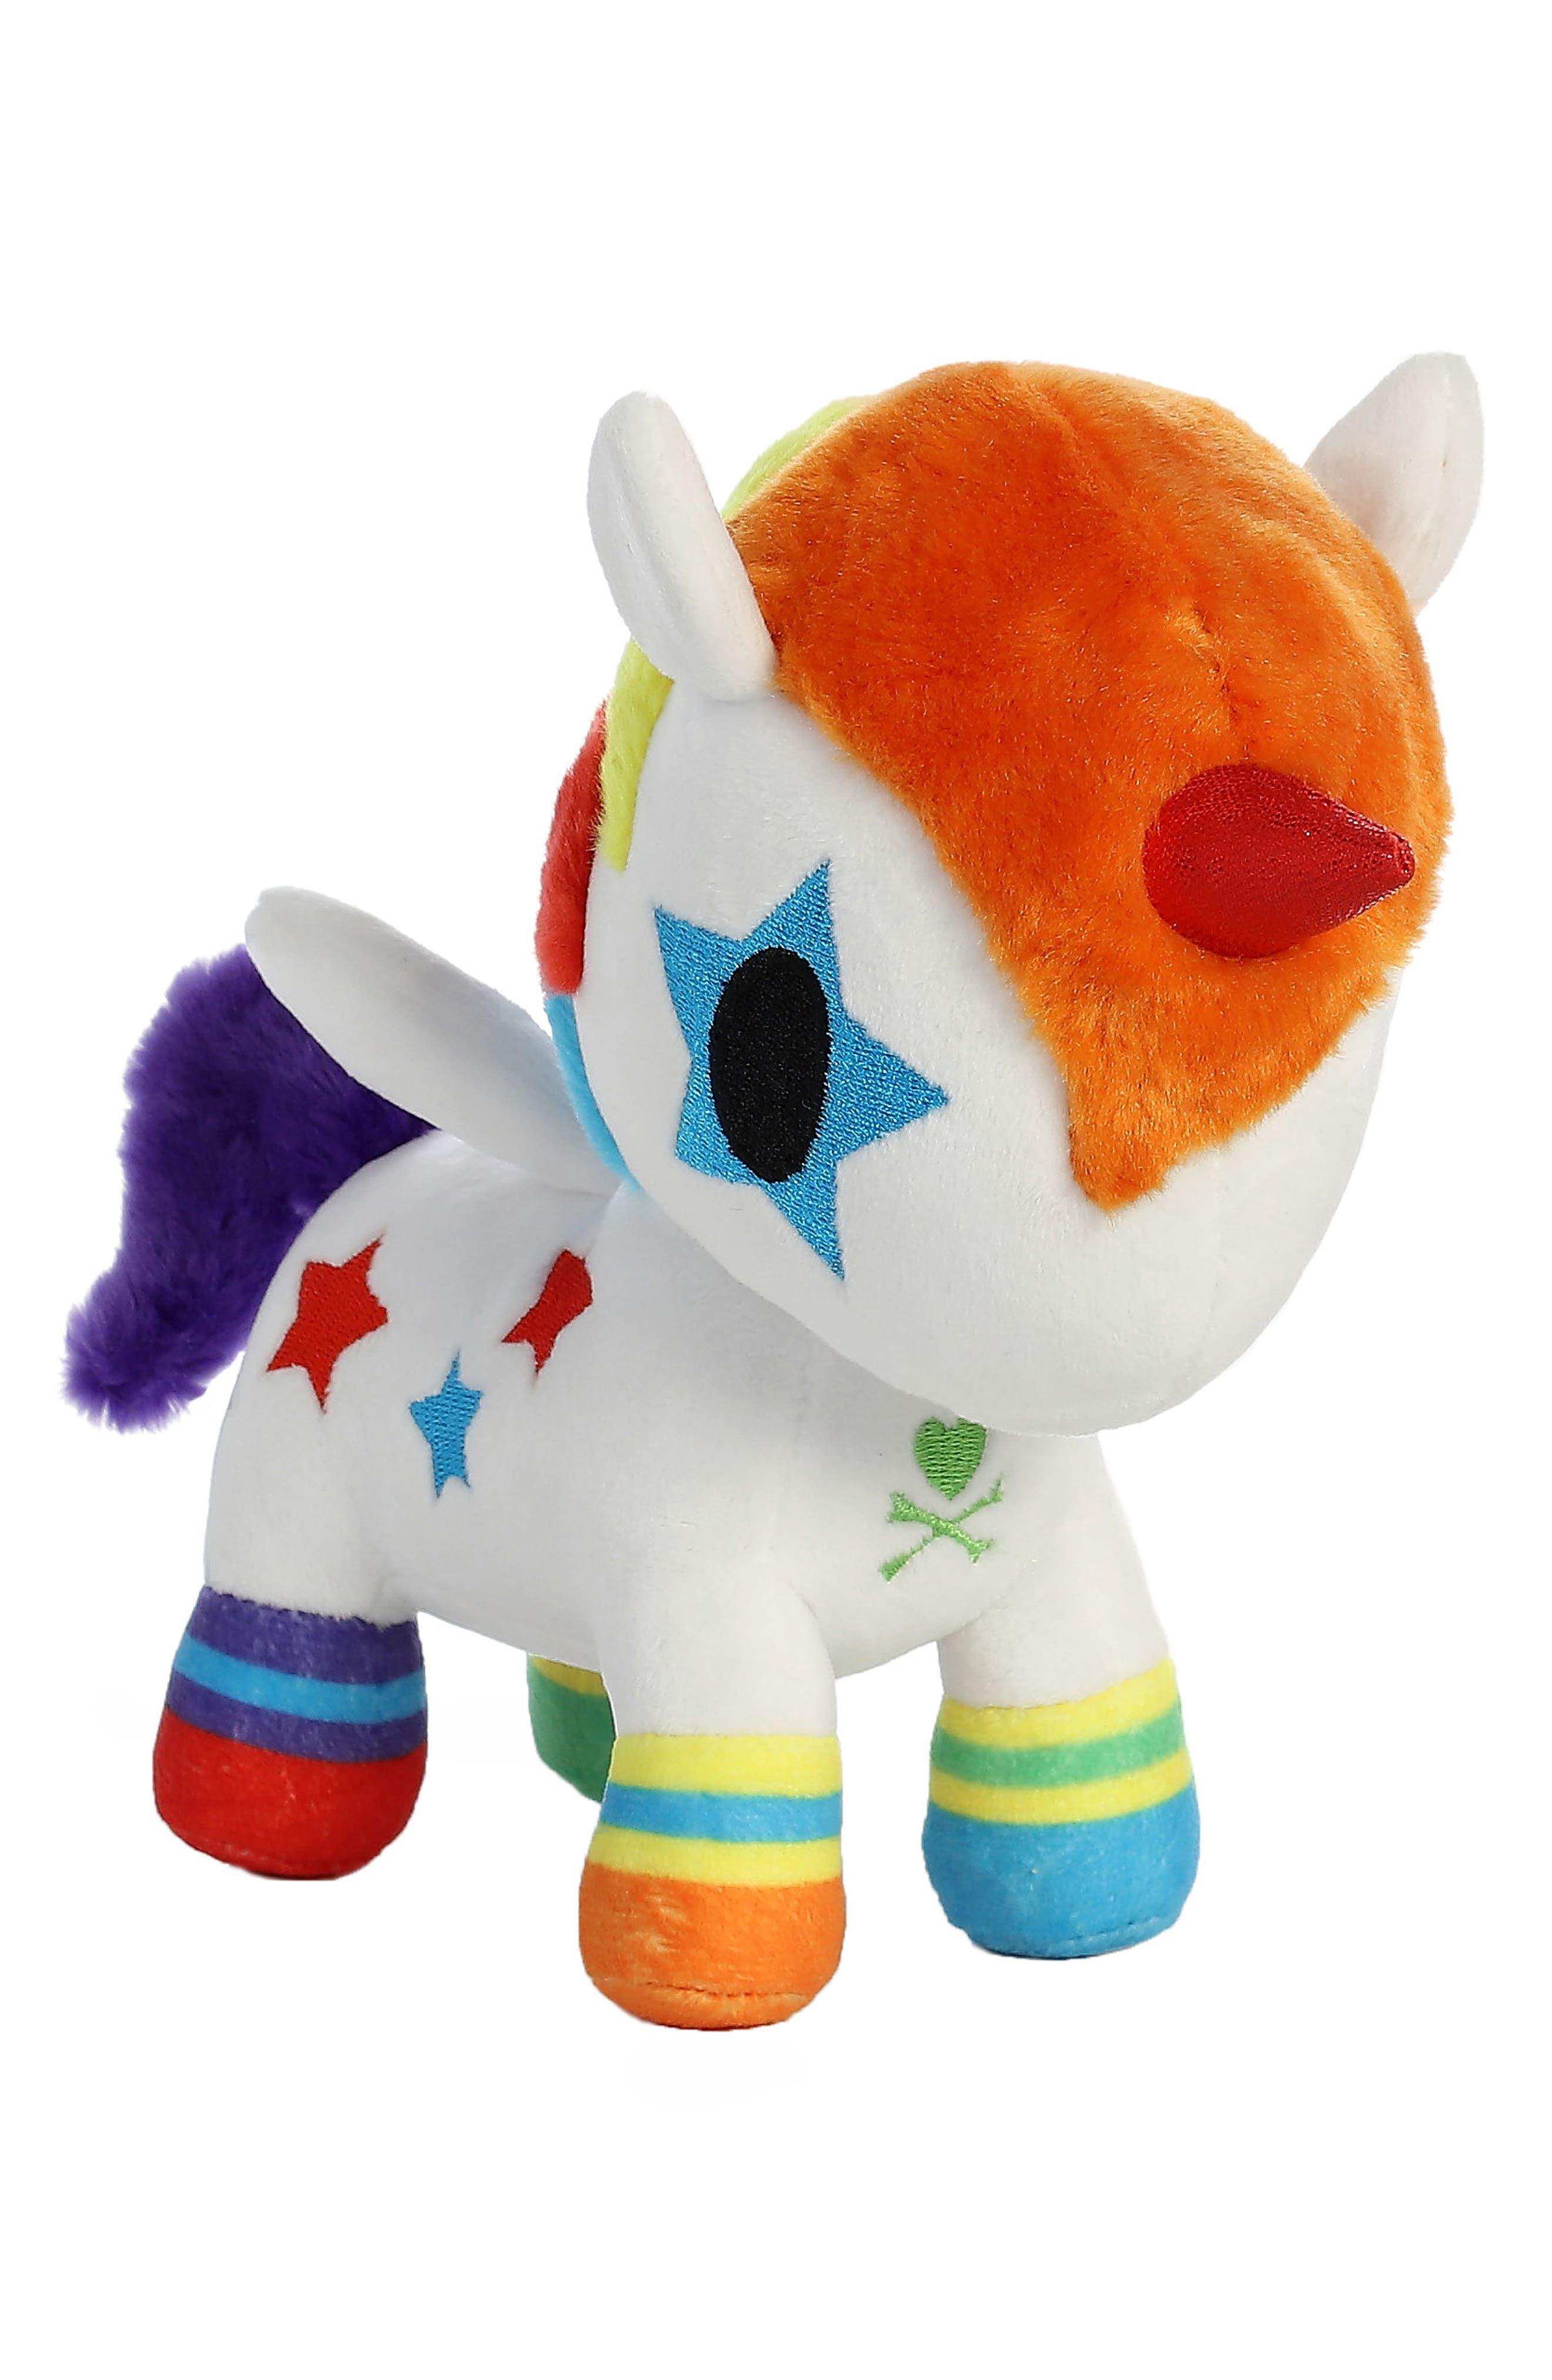 Aurora World Toys x tokidoki Bowie Unicorno Stuffed Animal